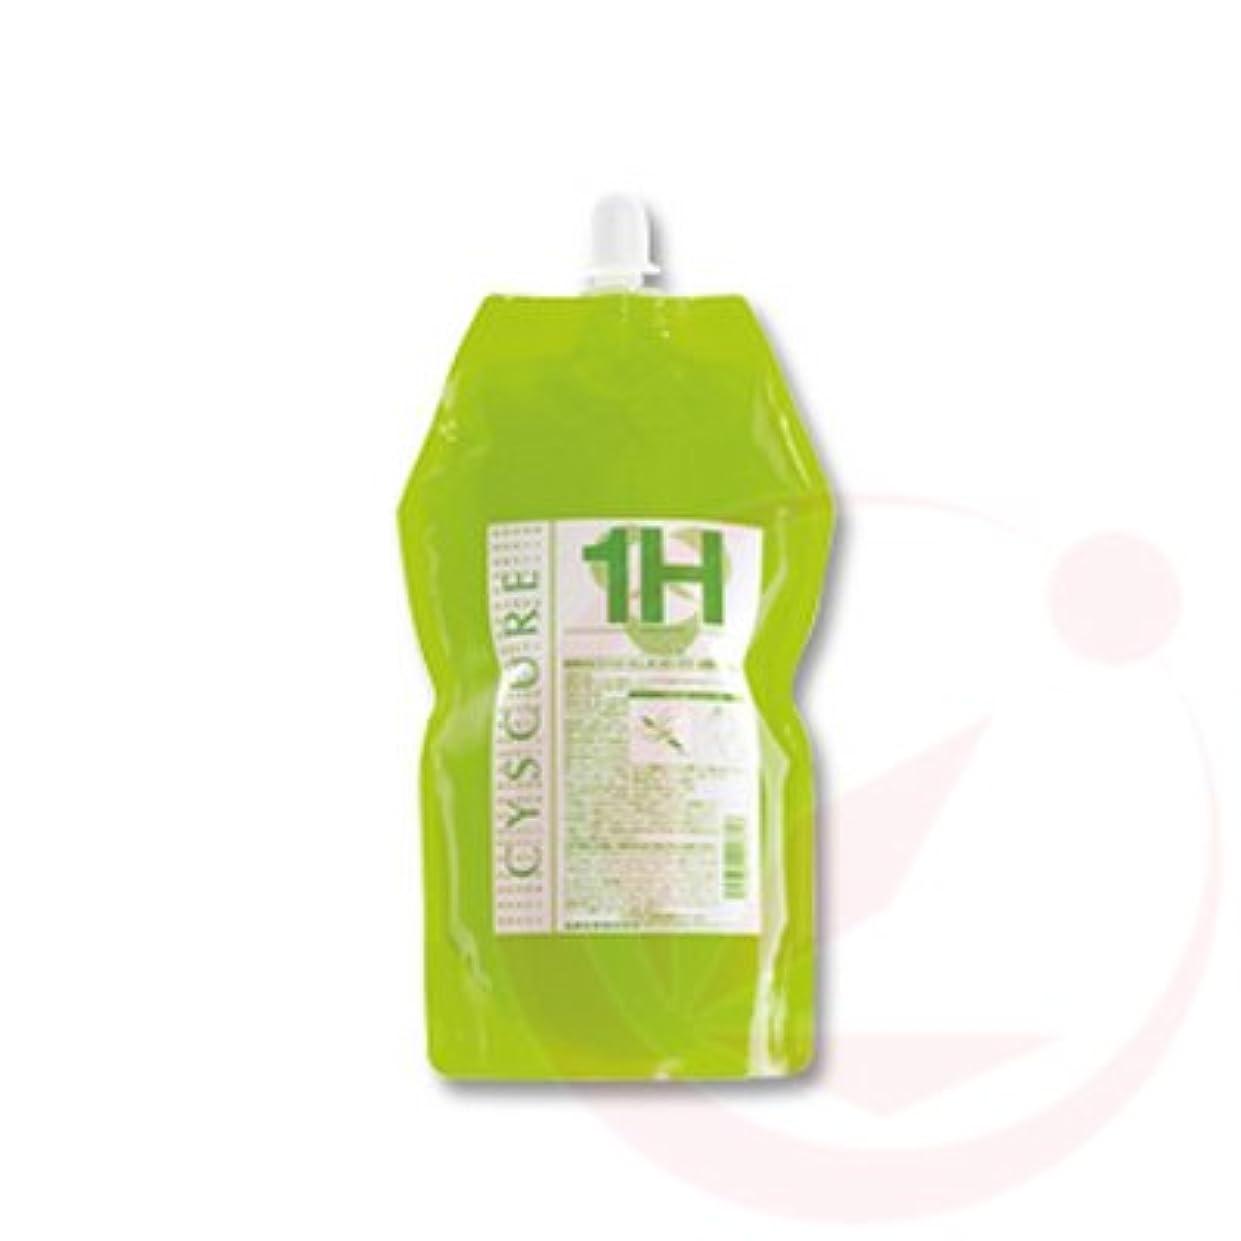 チキン振る舞いセラフタマリス シスキュア1H 1000g (パーマ剤/1剤)